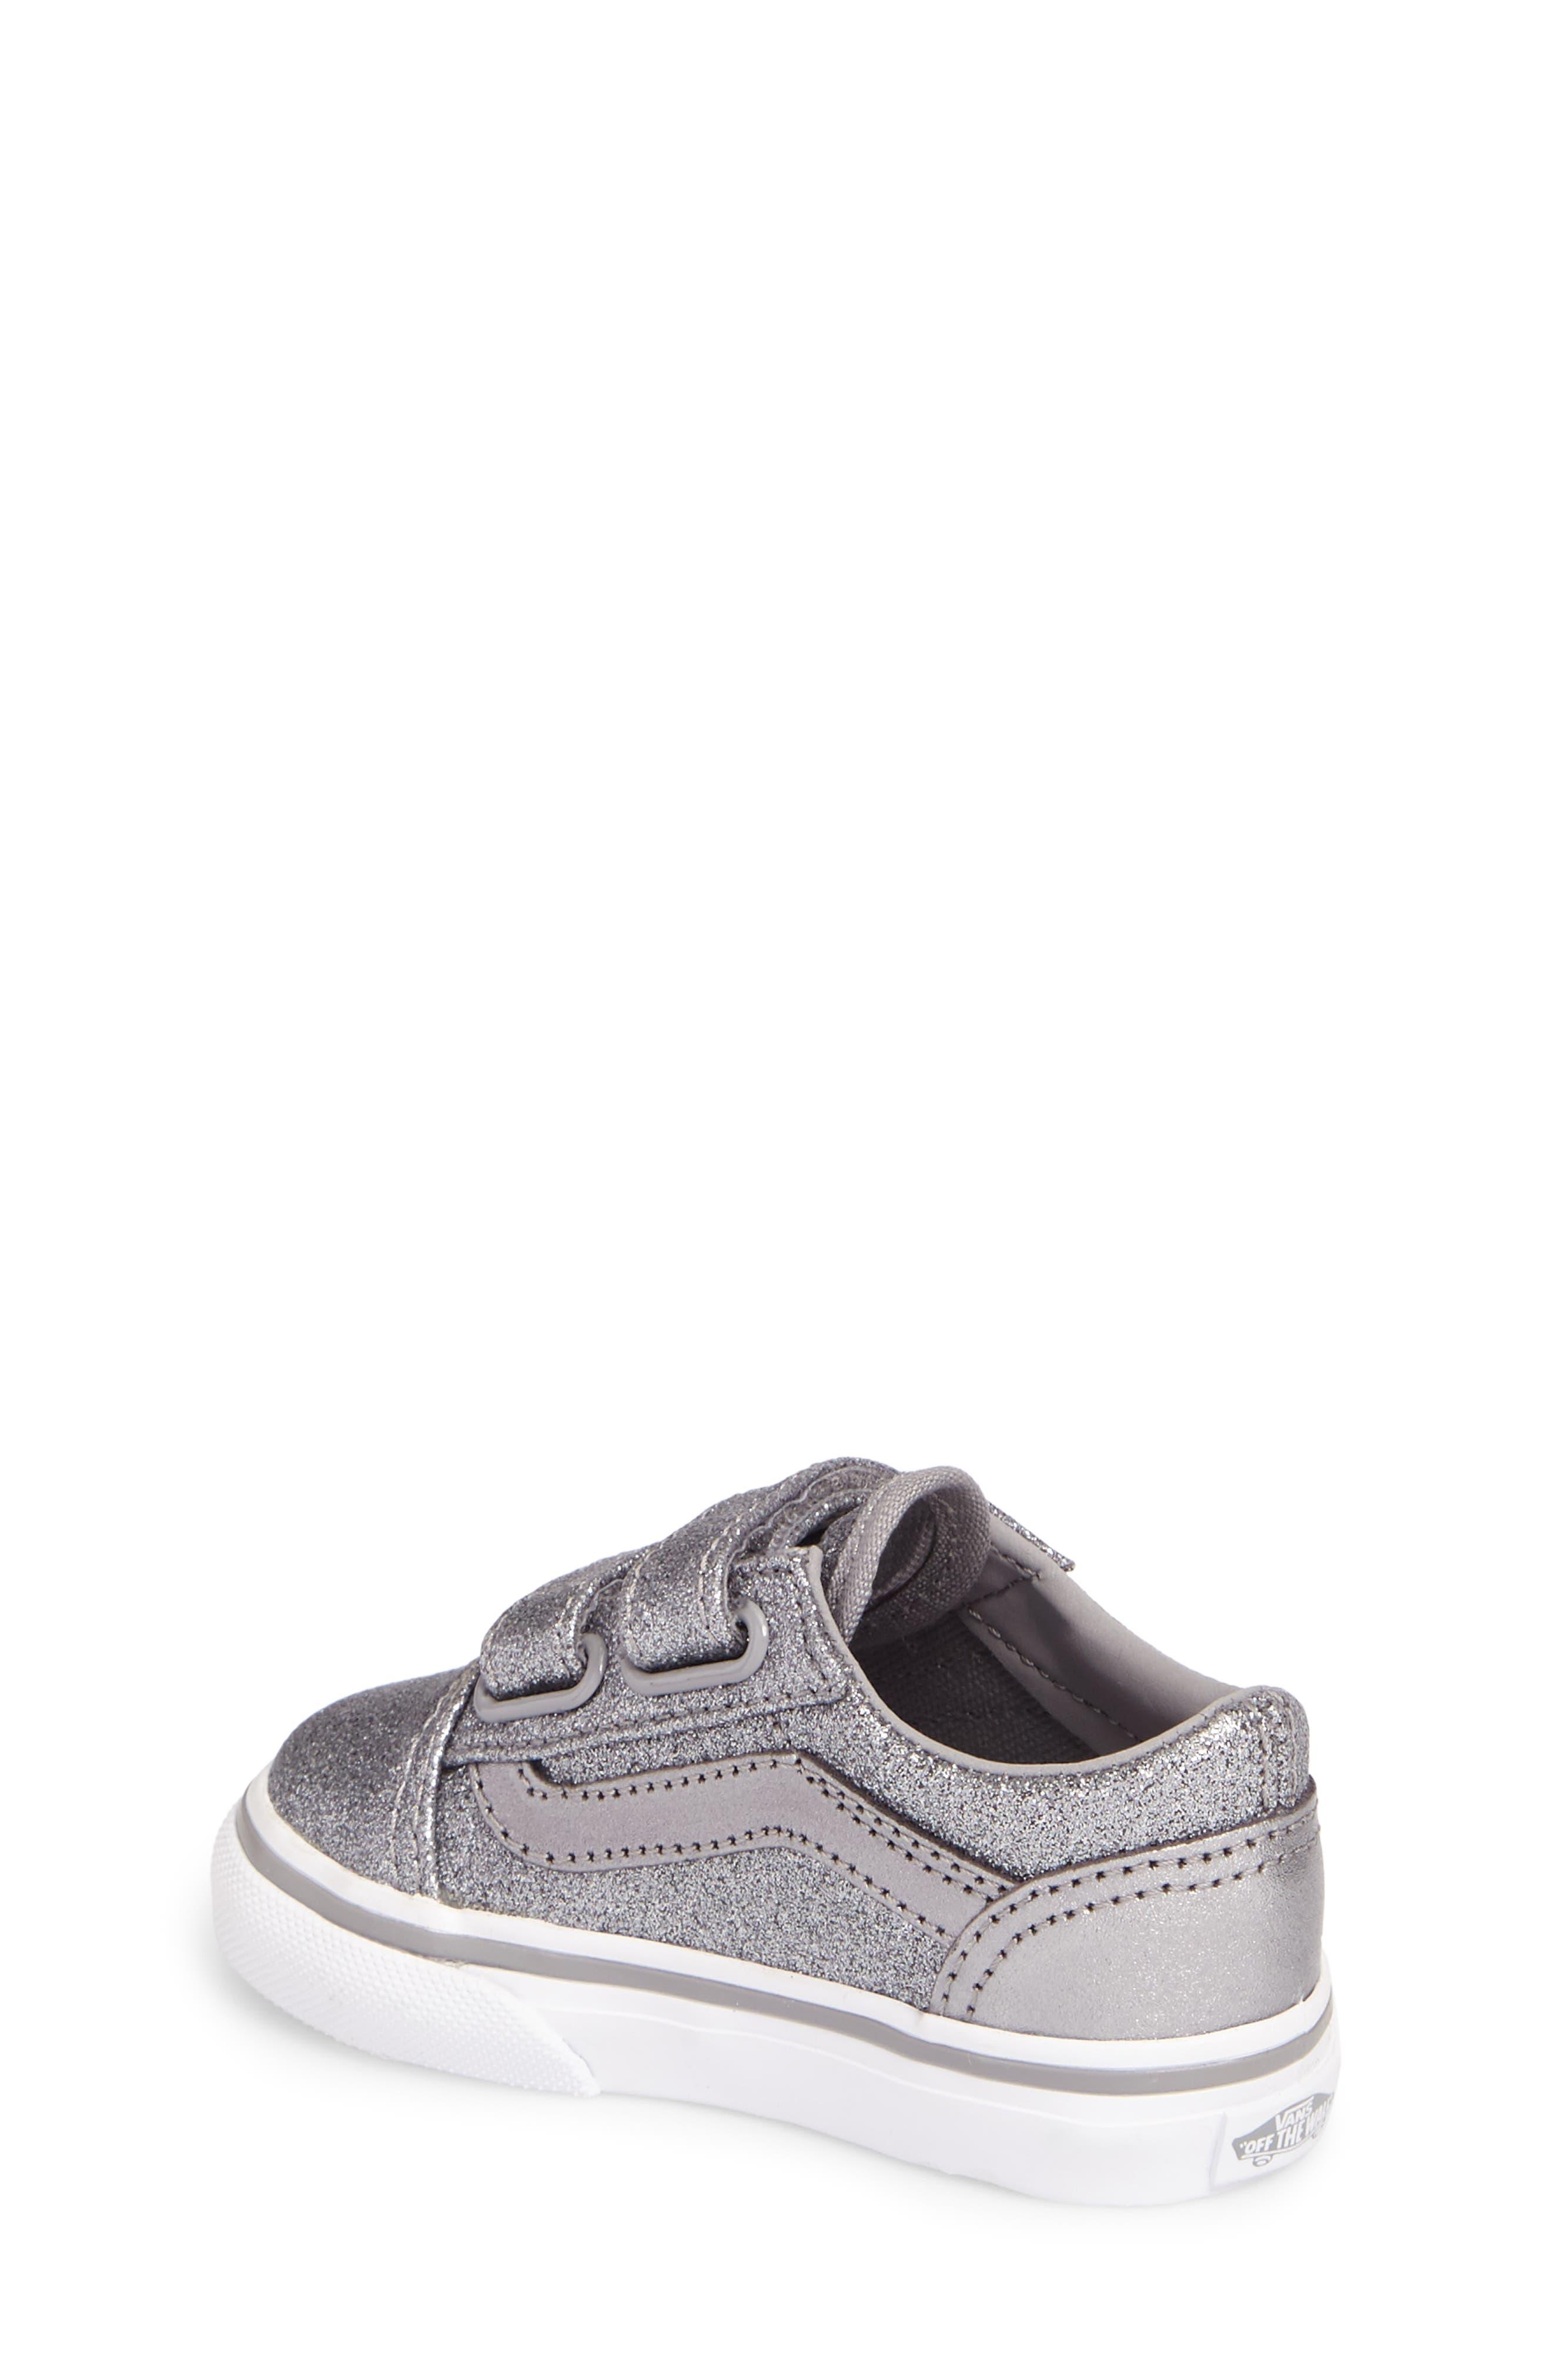 Old Skool V Glitter Sneaker,                             Alternate thumbnail 2, color,                             Glitter  Metallic Frost Gray